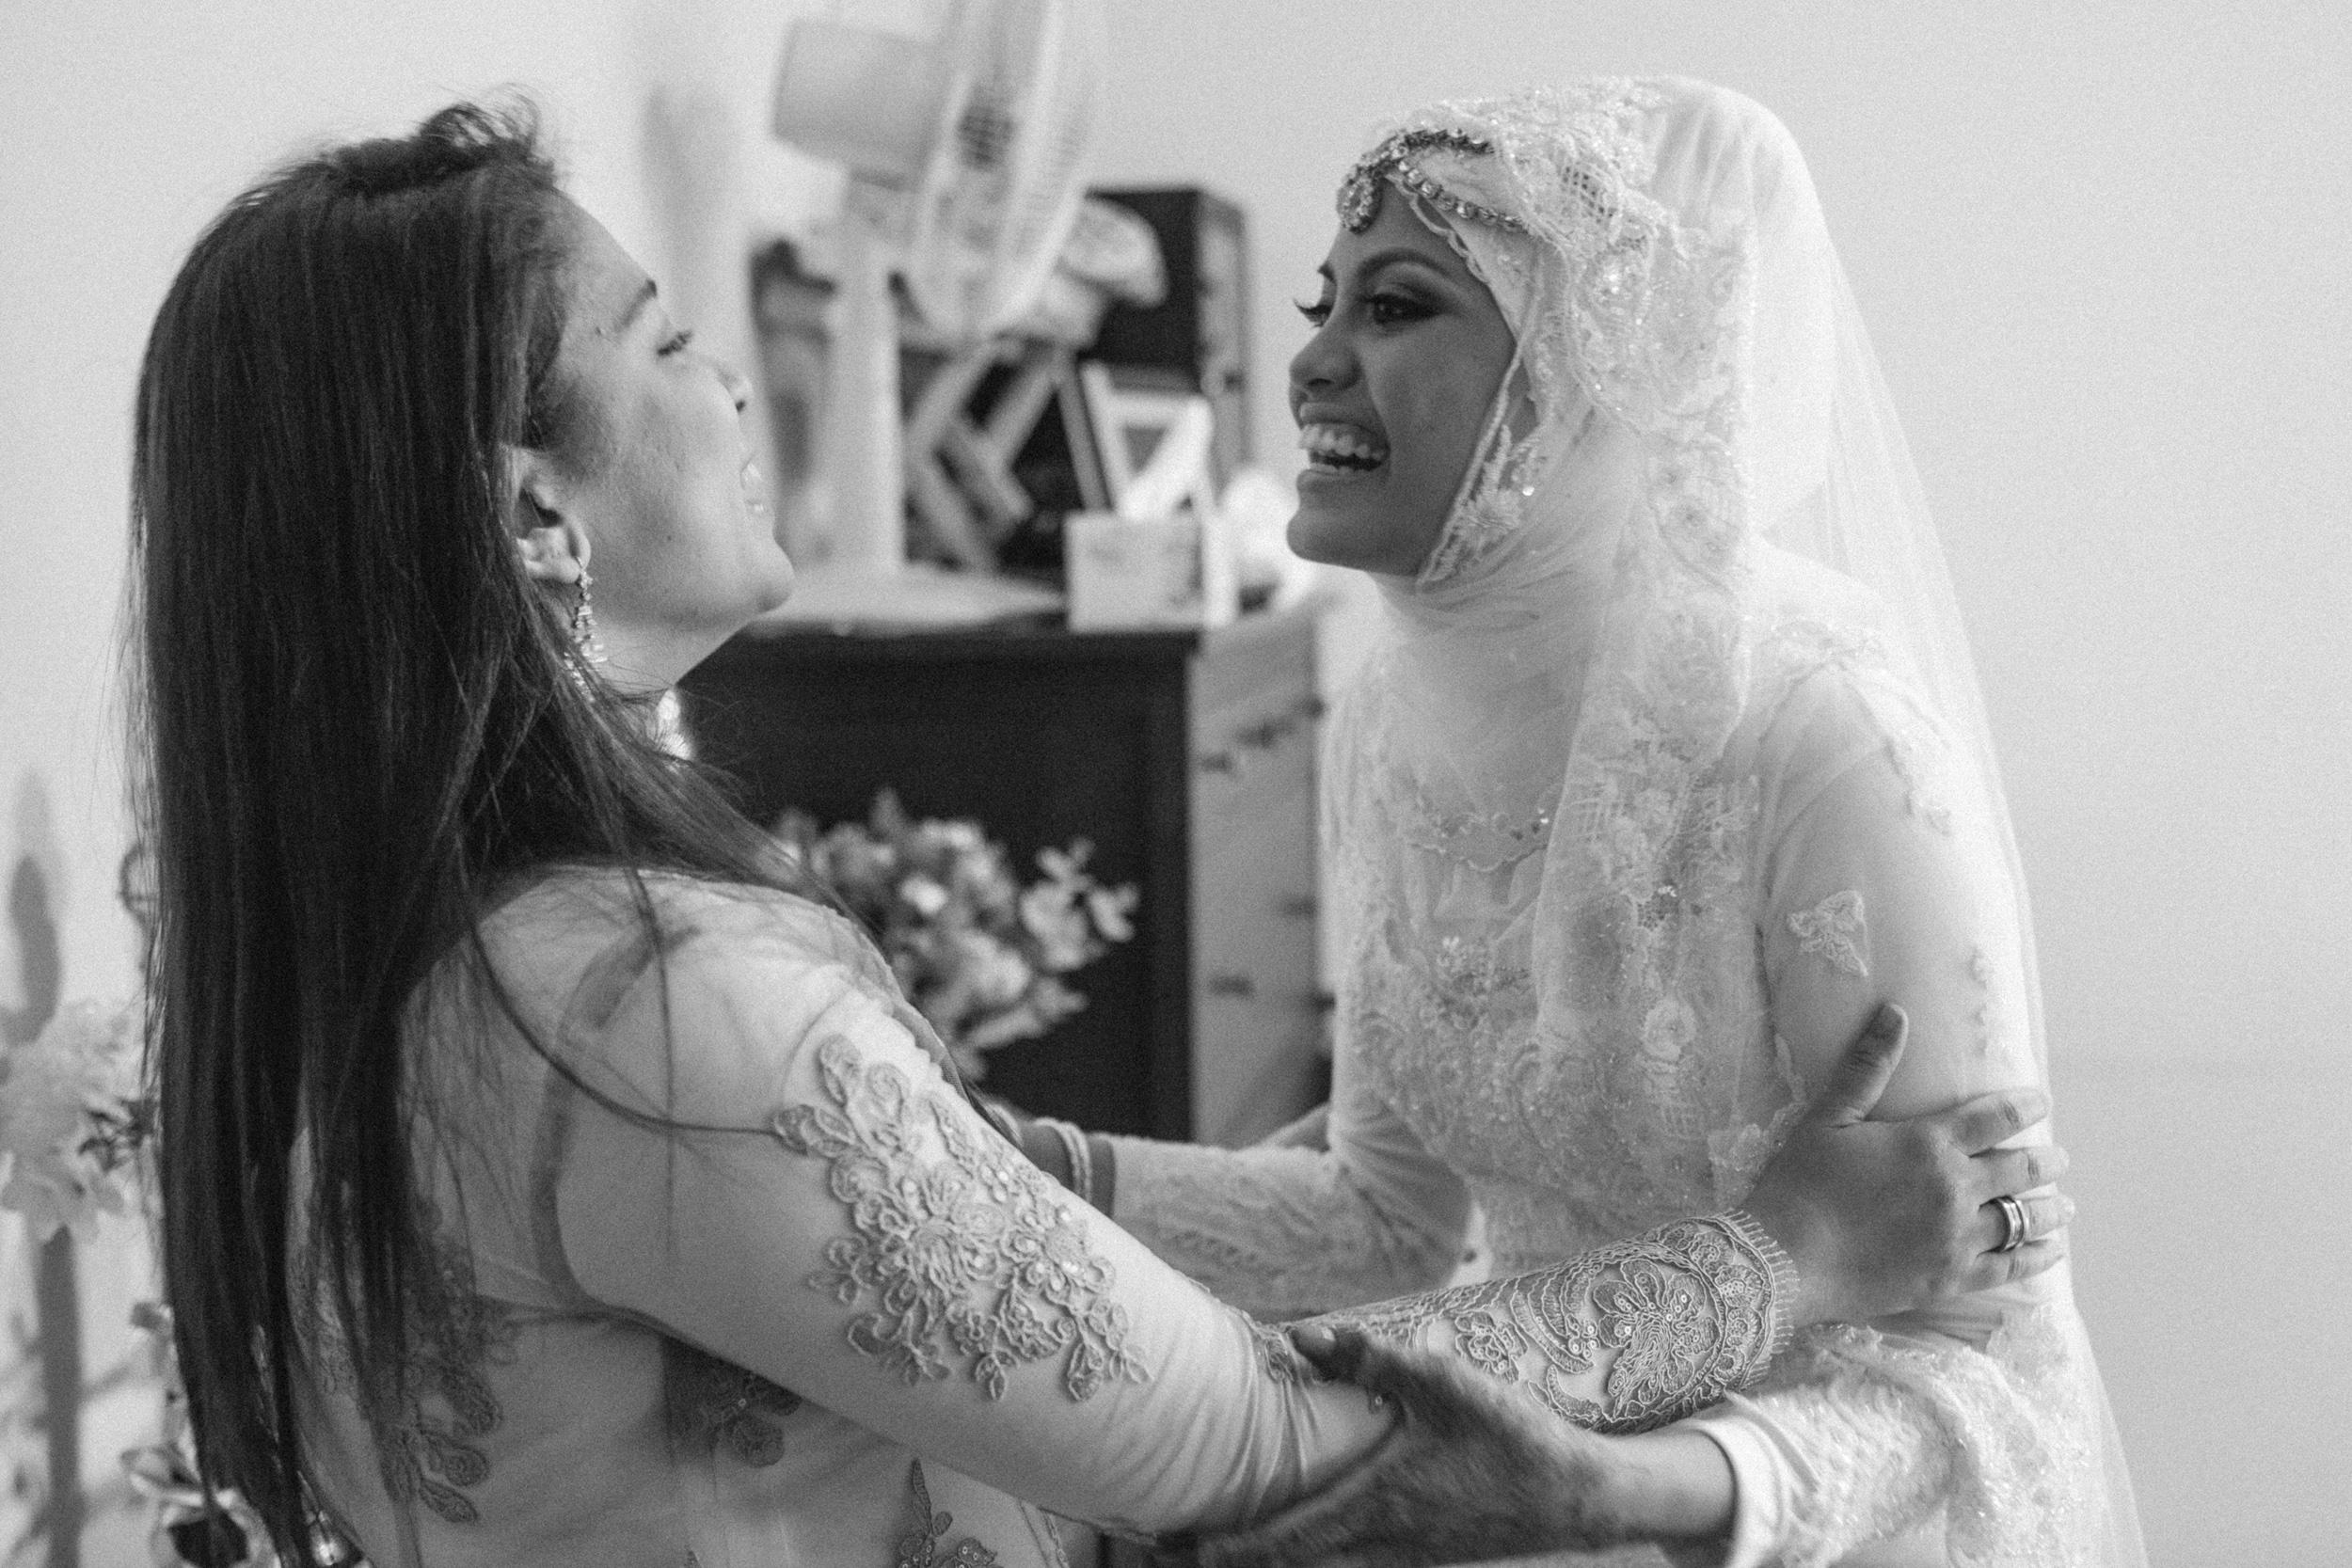 singapore-wedding-photographer-wemadethese-shikin-yanho-010.jpg